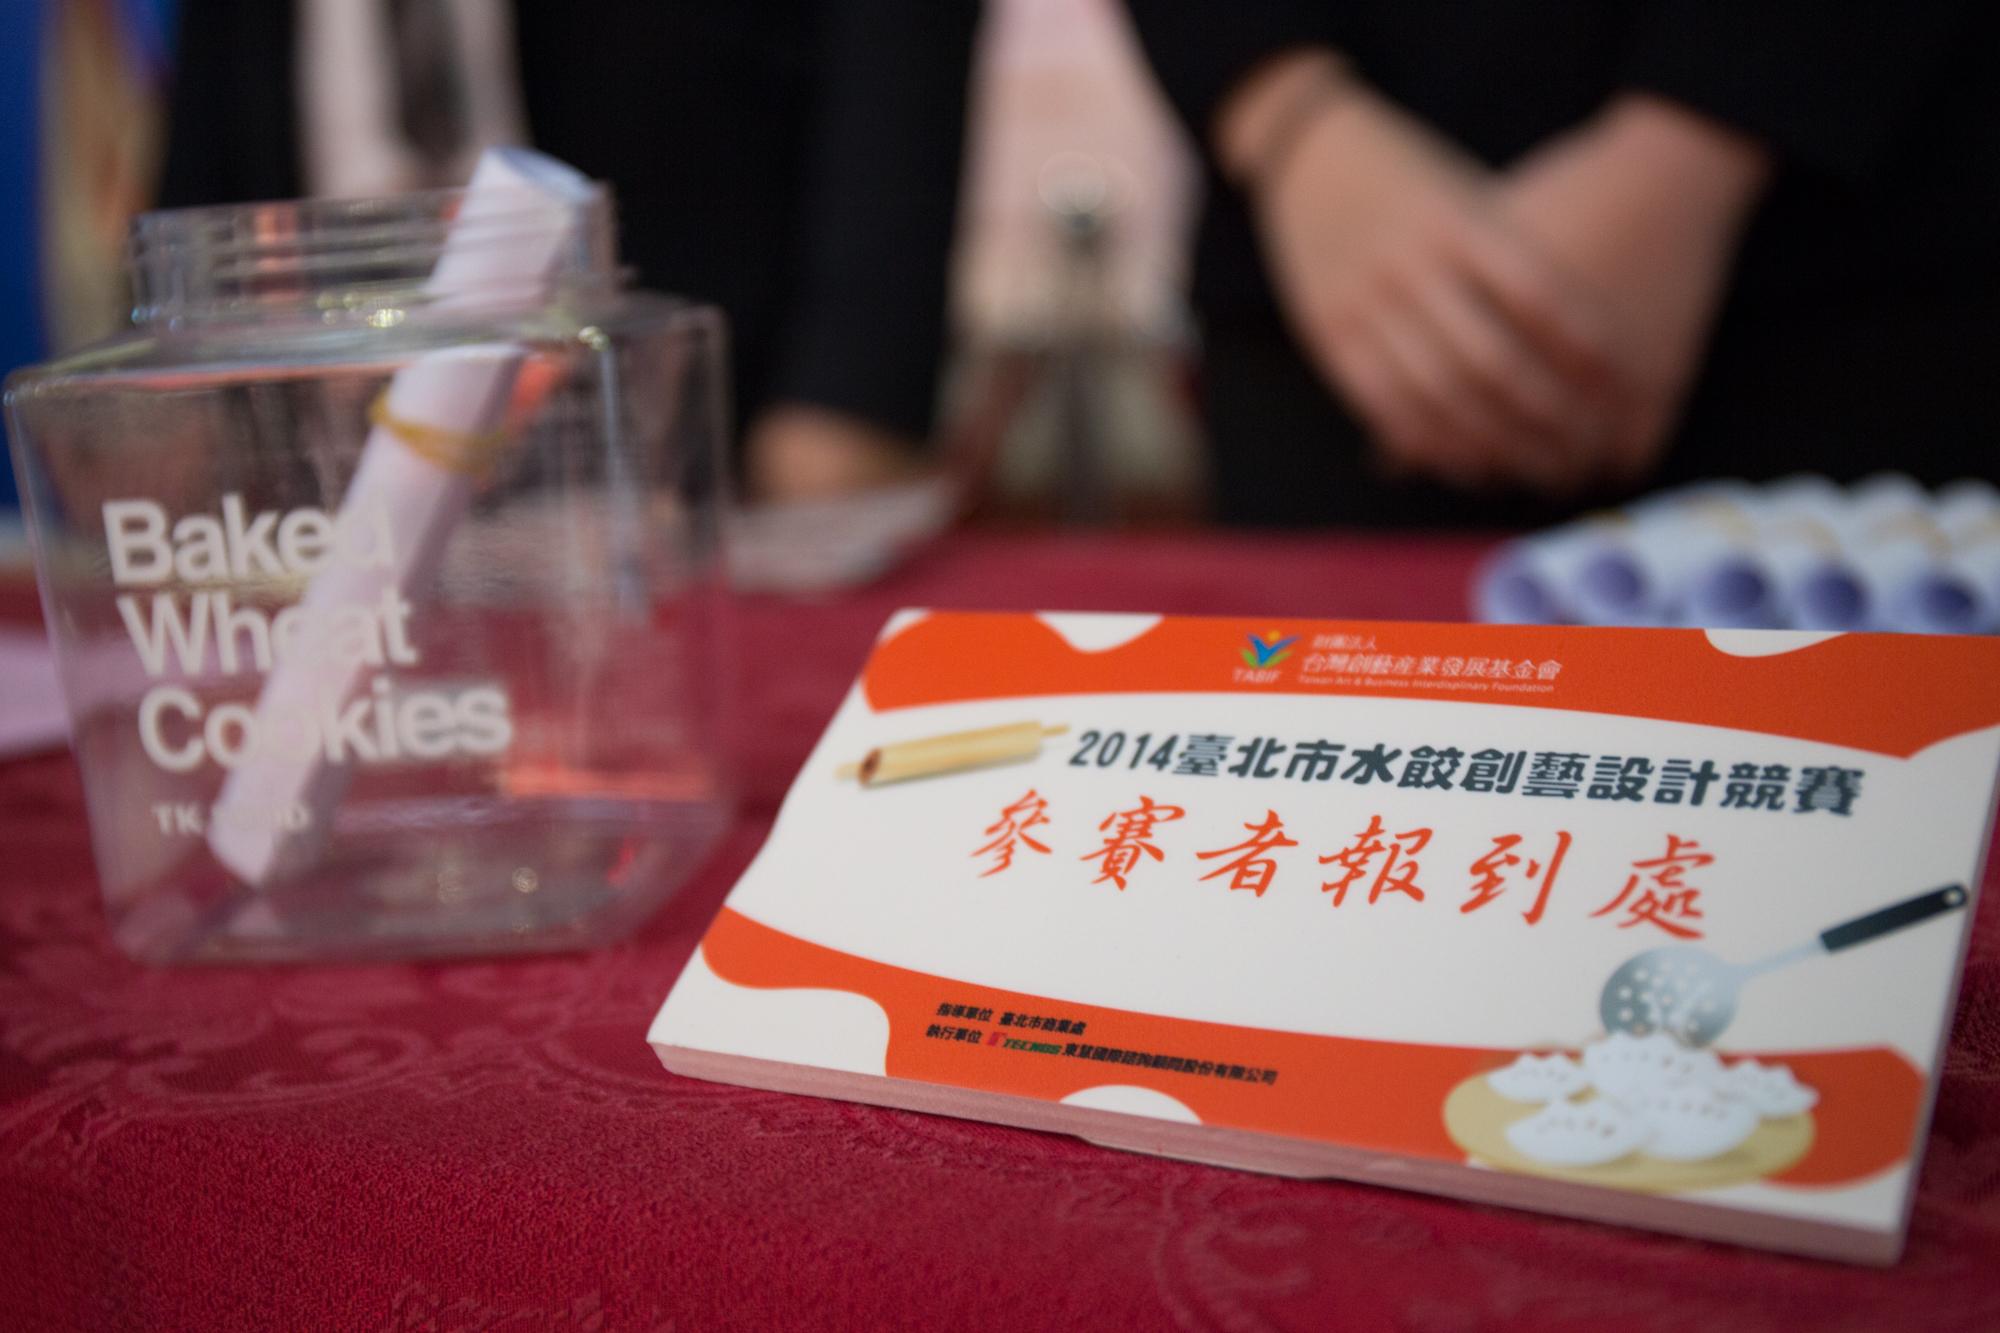 臺北市水餃創意設計競賽,台中婚錄推薦2